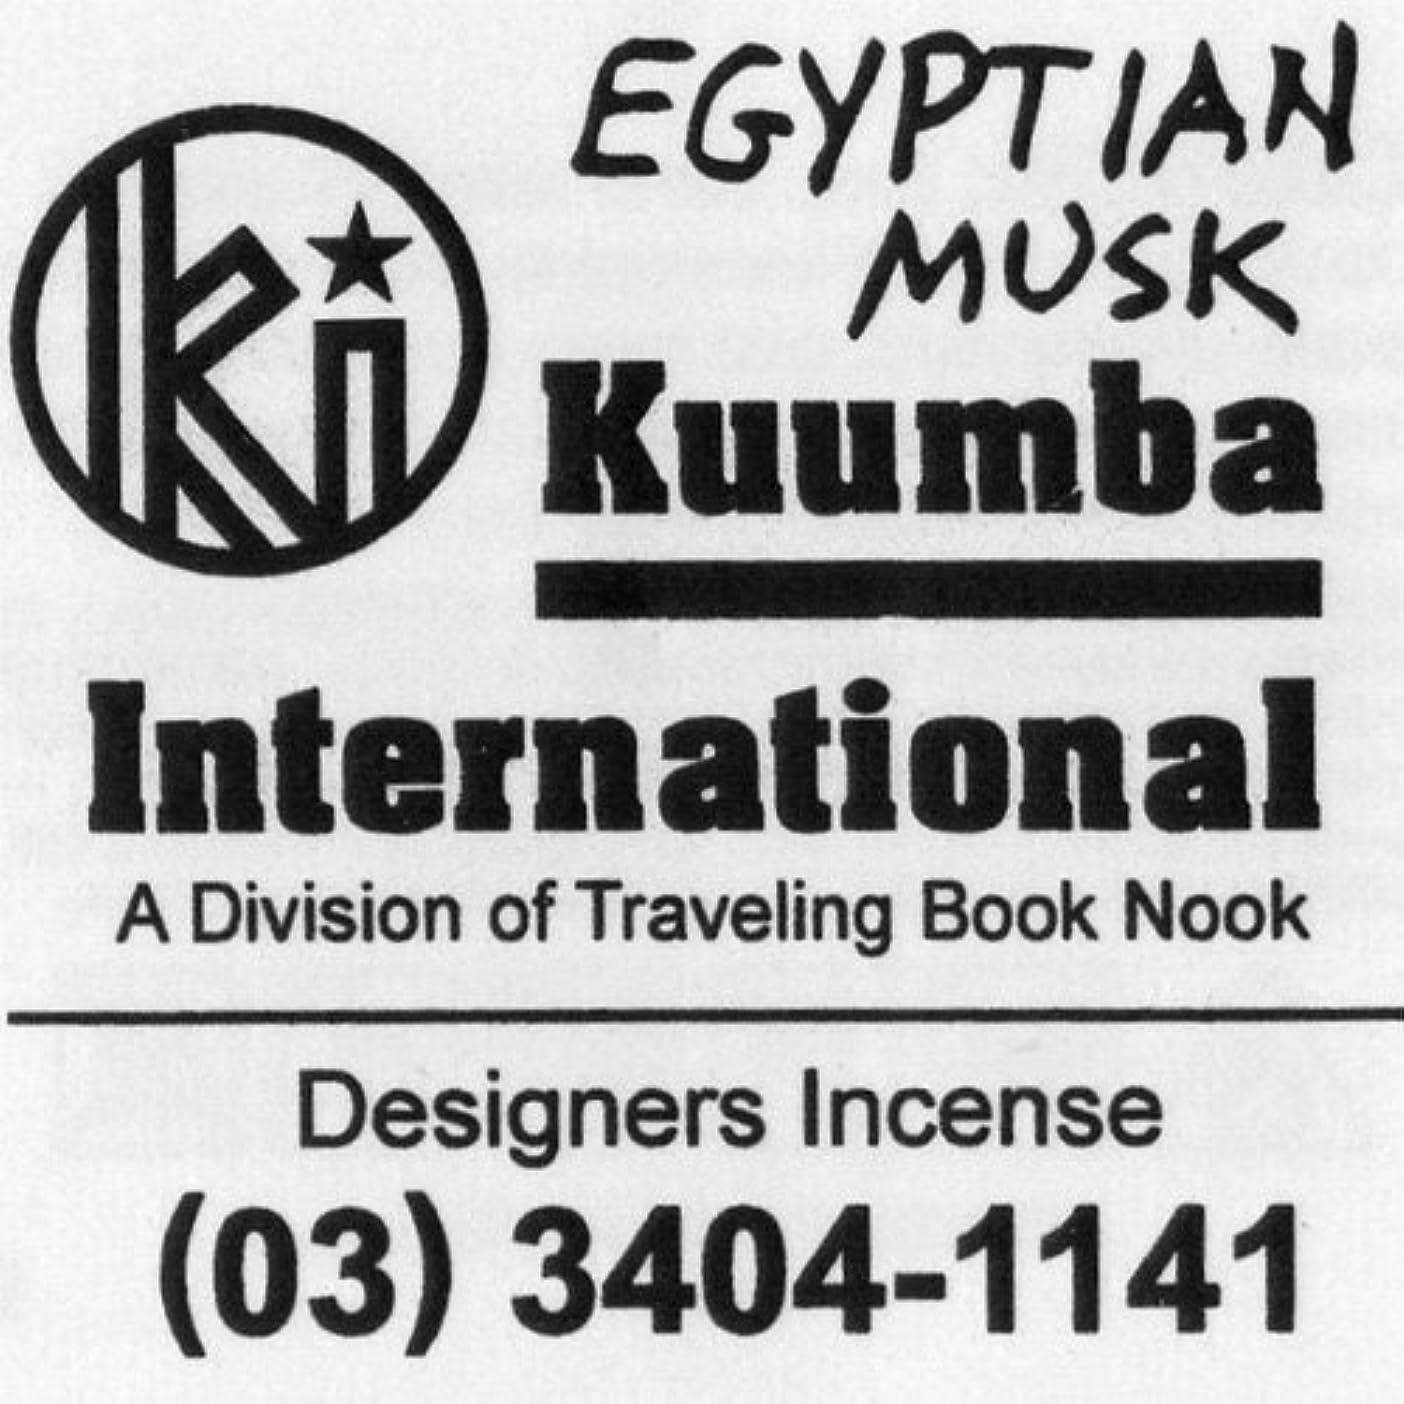 複合略奪補足KUUMBA / クンバ『incense』(EGYPTIAN MUSK) (Regular size)